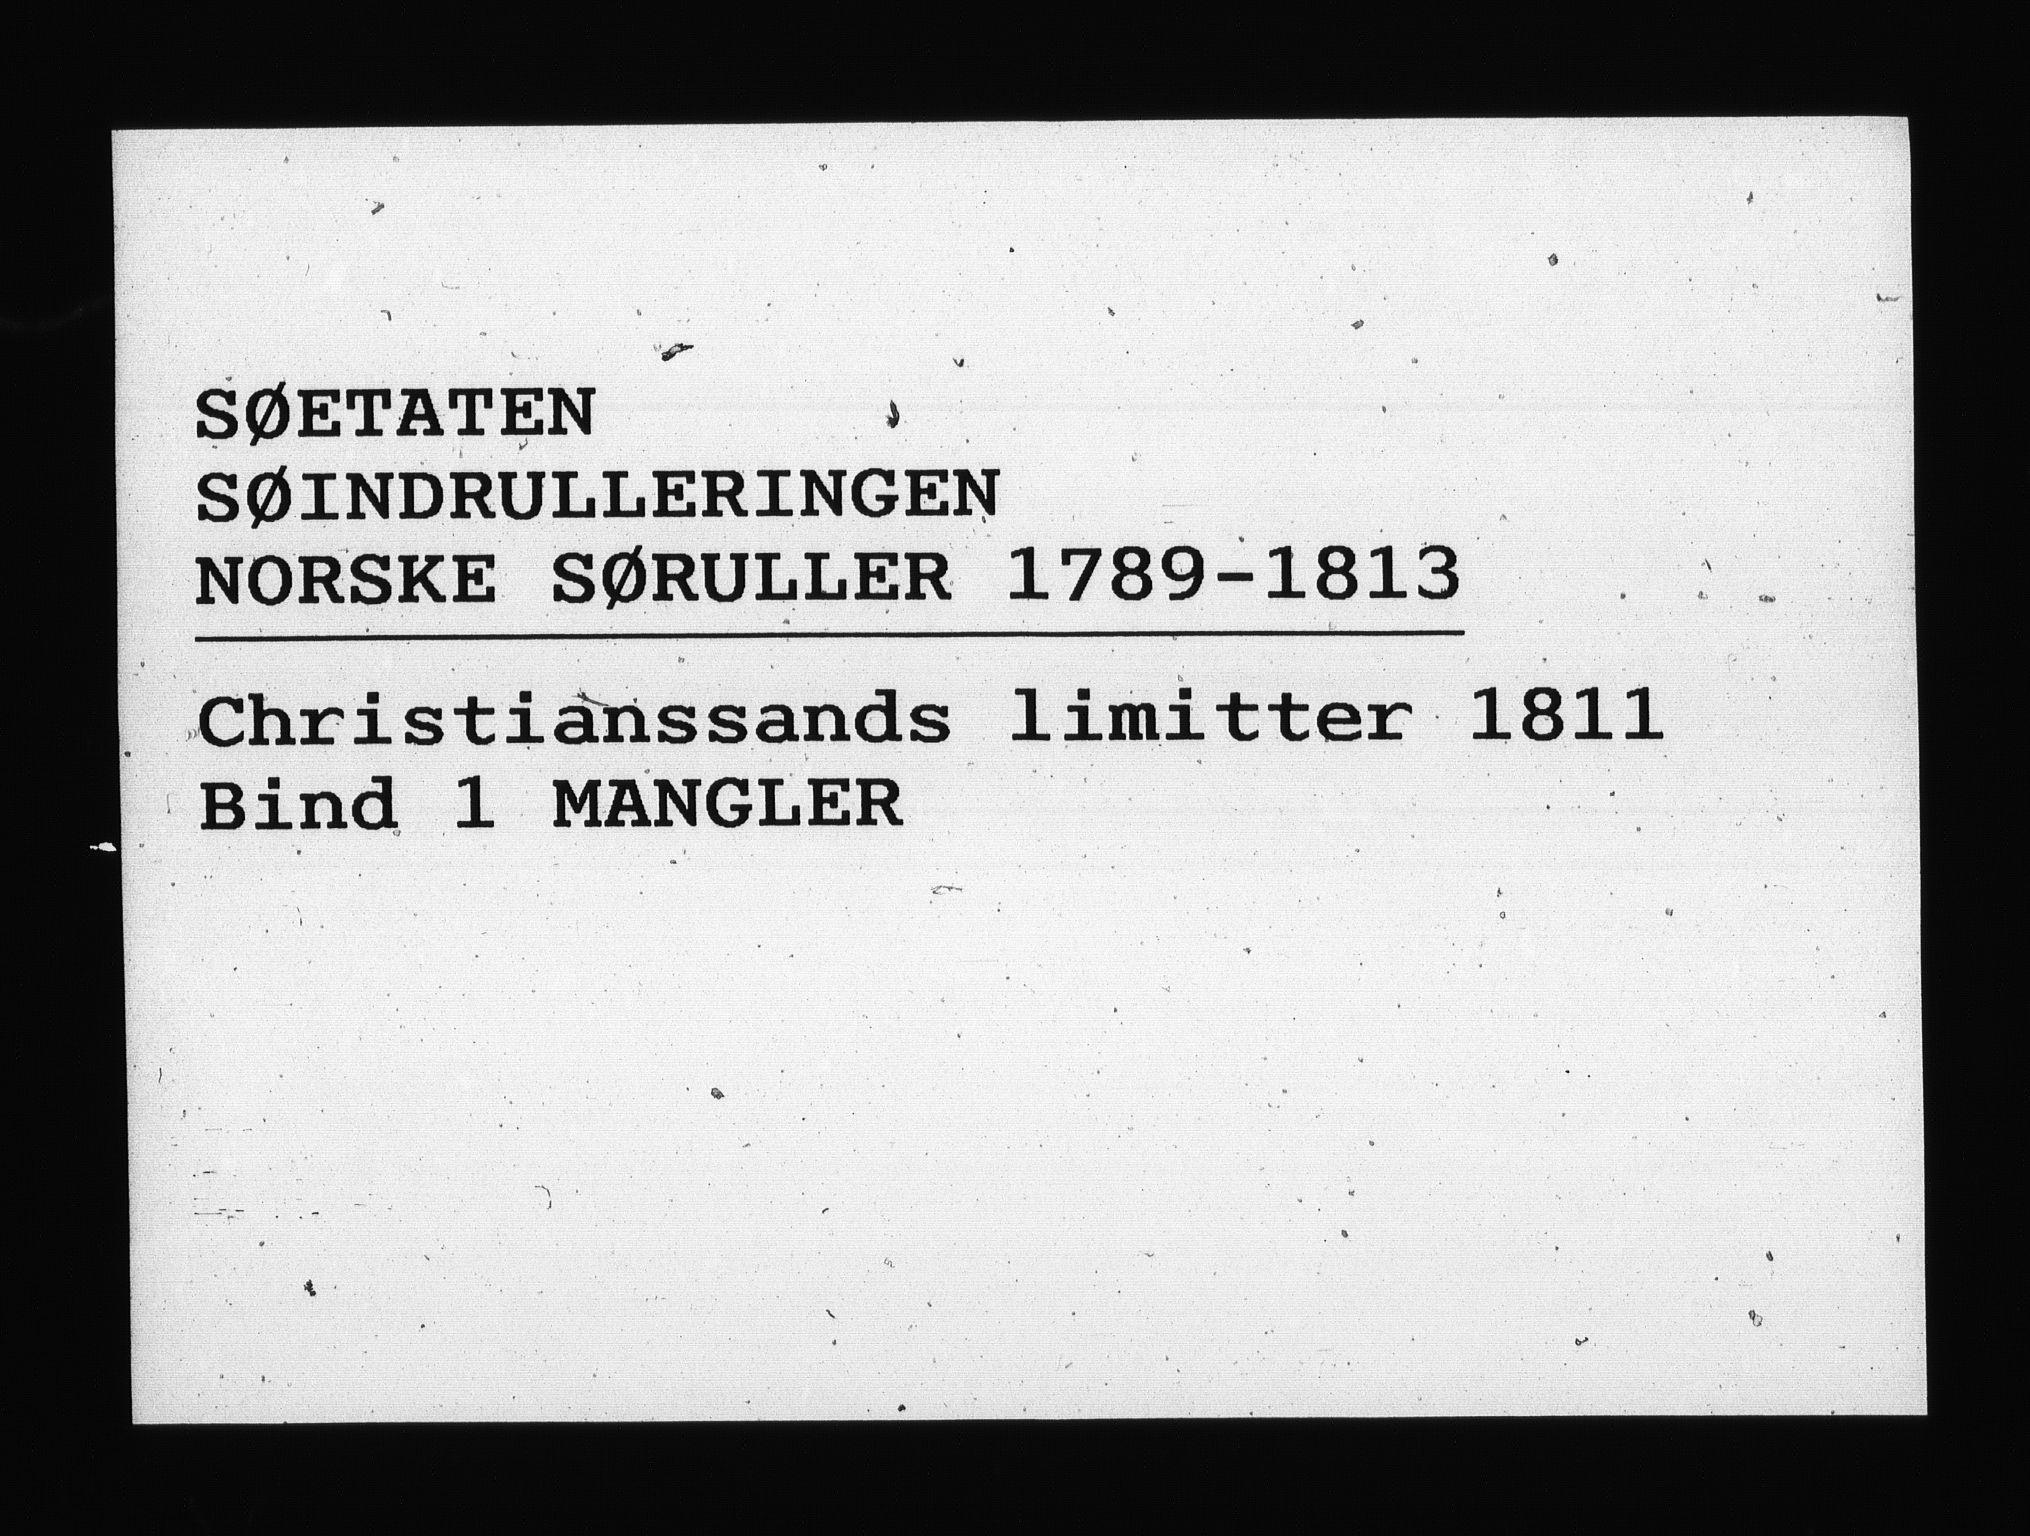 RA, Sjøetaten, F/L0106: Kristiansand limitter, bind 2, 1811